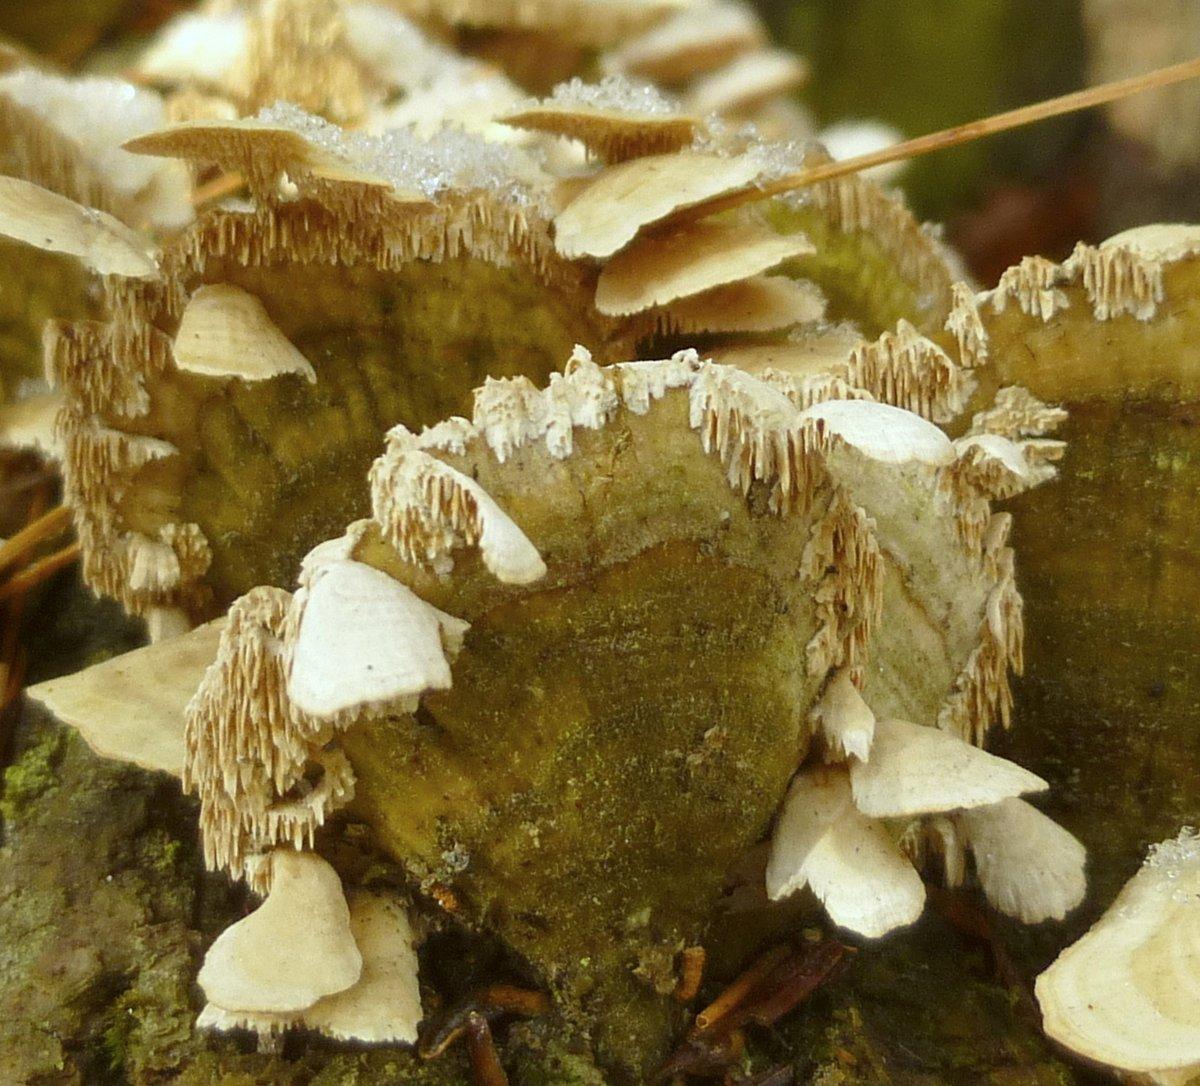 3. Bracket Fungi on Bracket Fungi